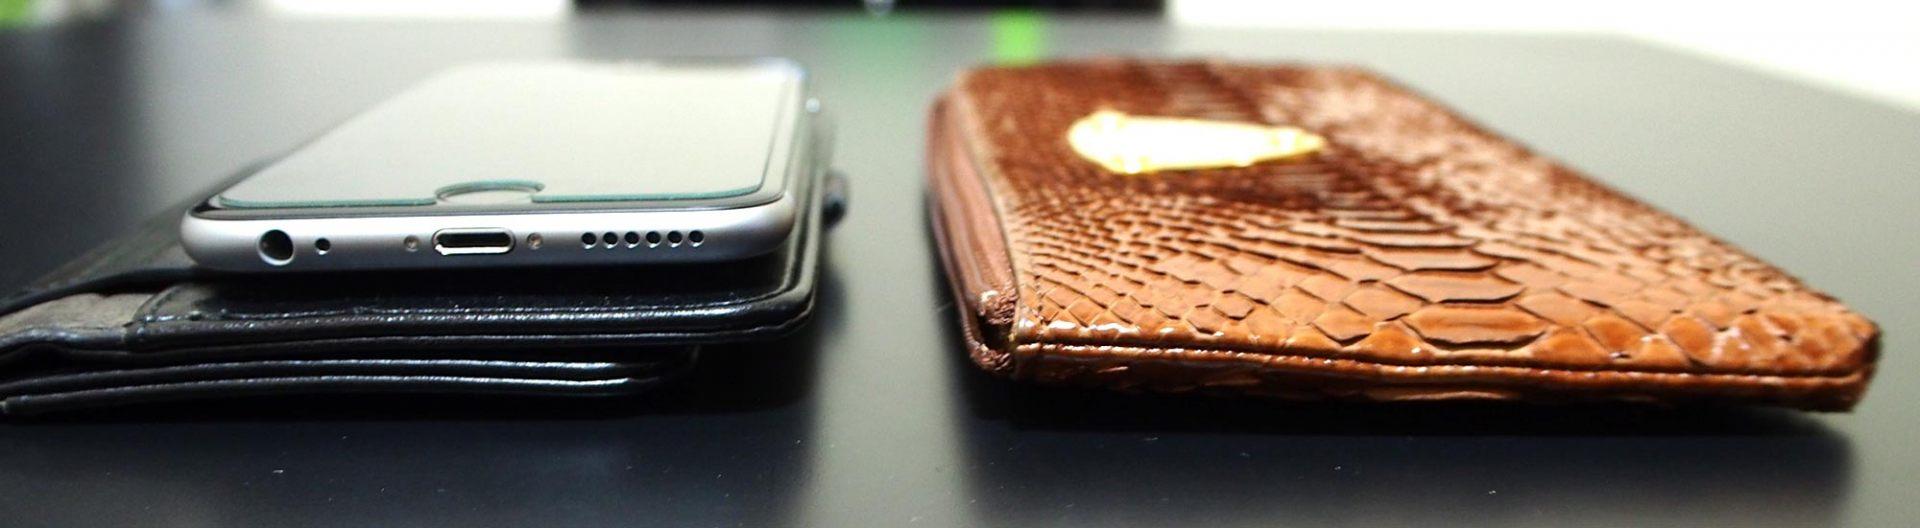 跟智慧型手機放在一起對比